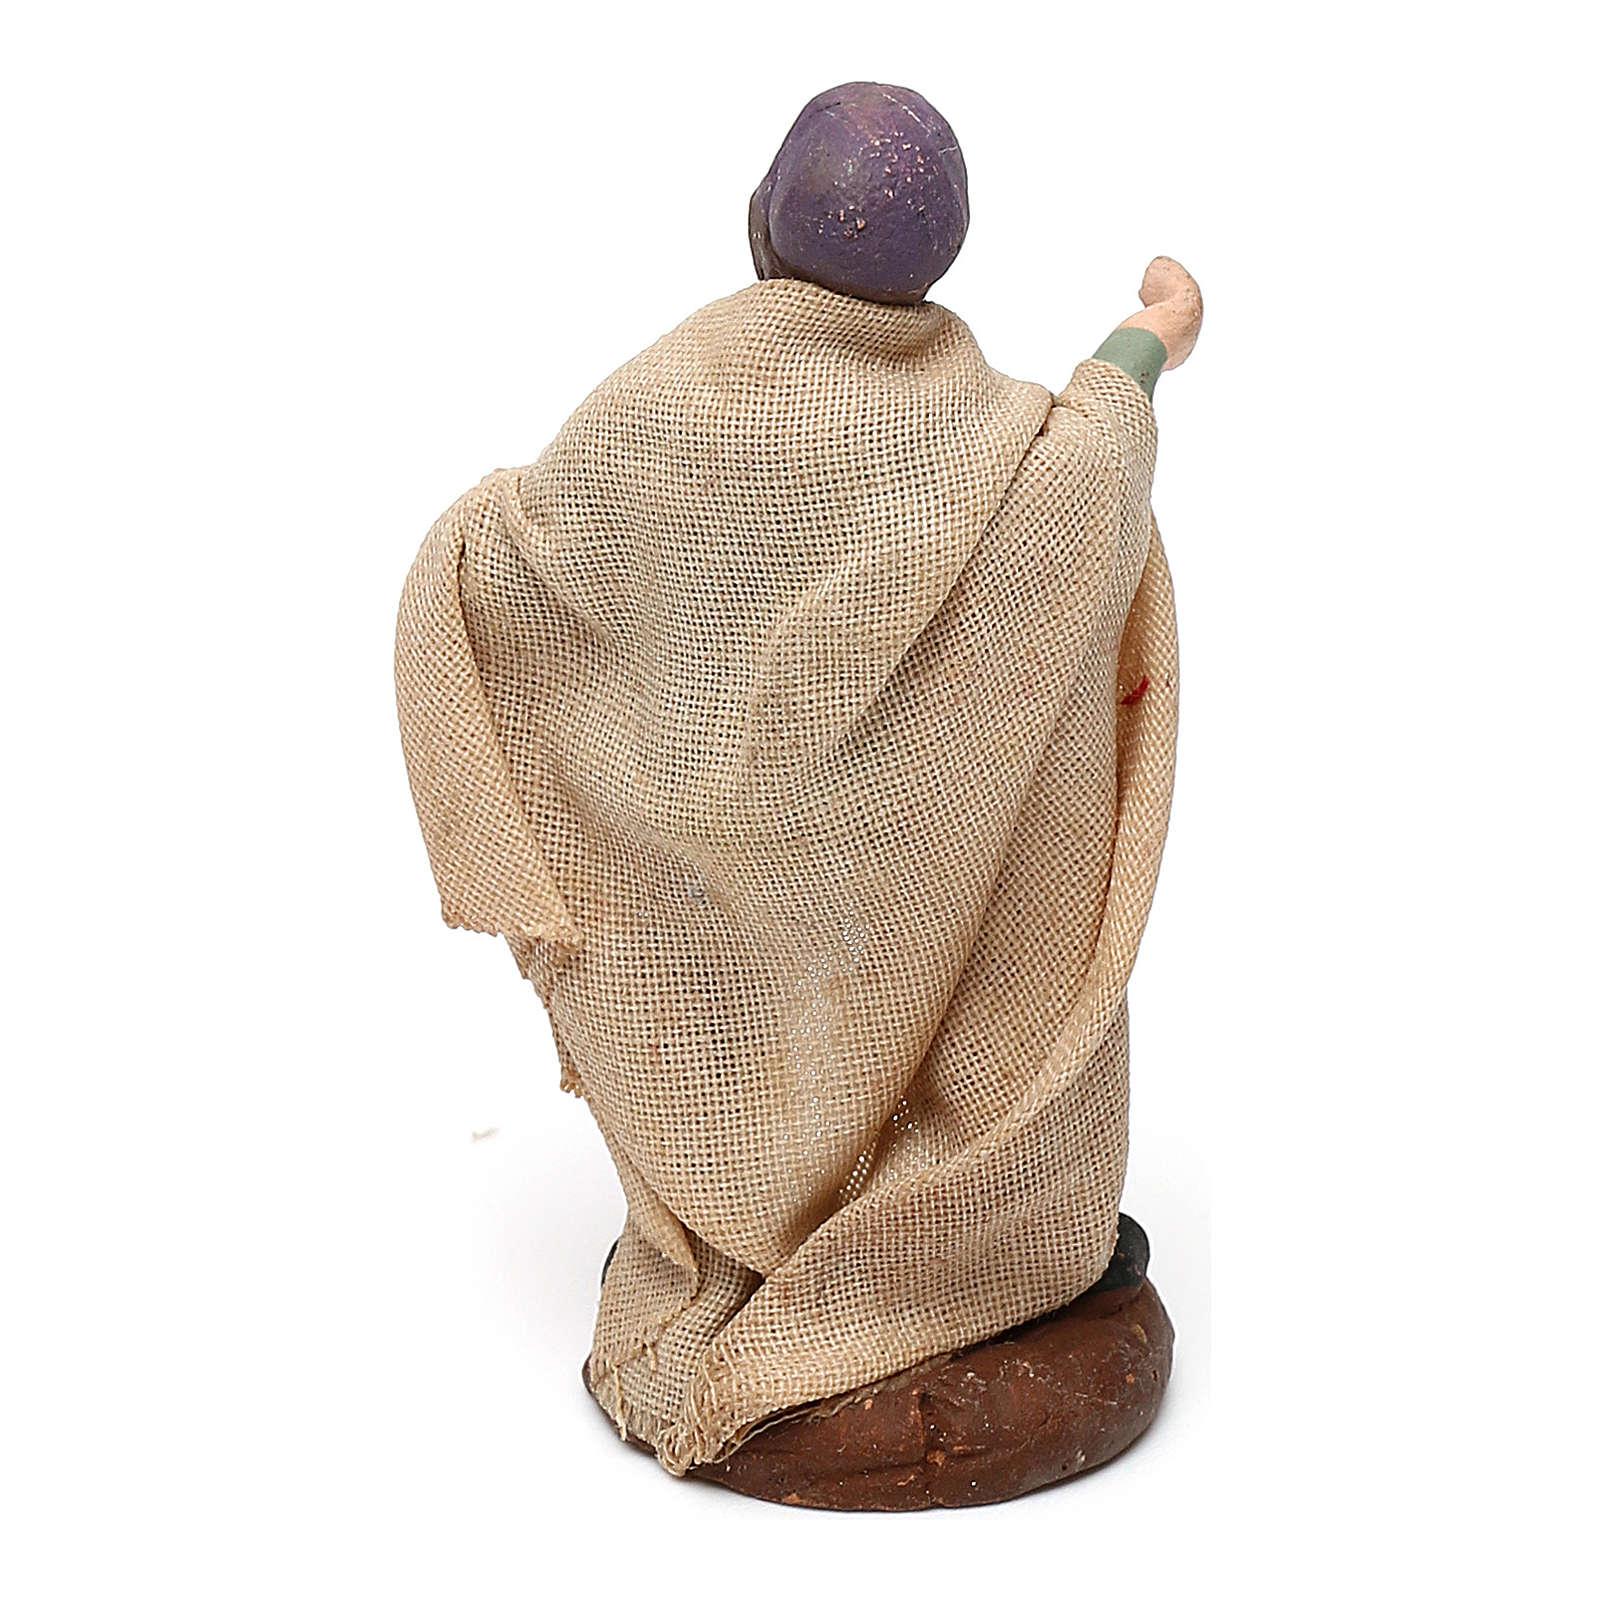 STOCK Pastor con jamón terraota vestido 4 cm belén Nápoles 4